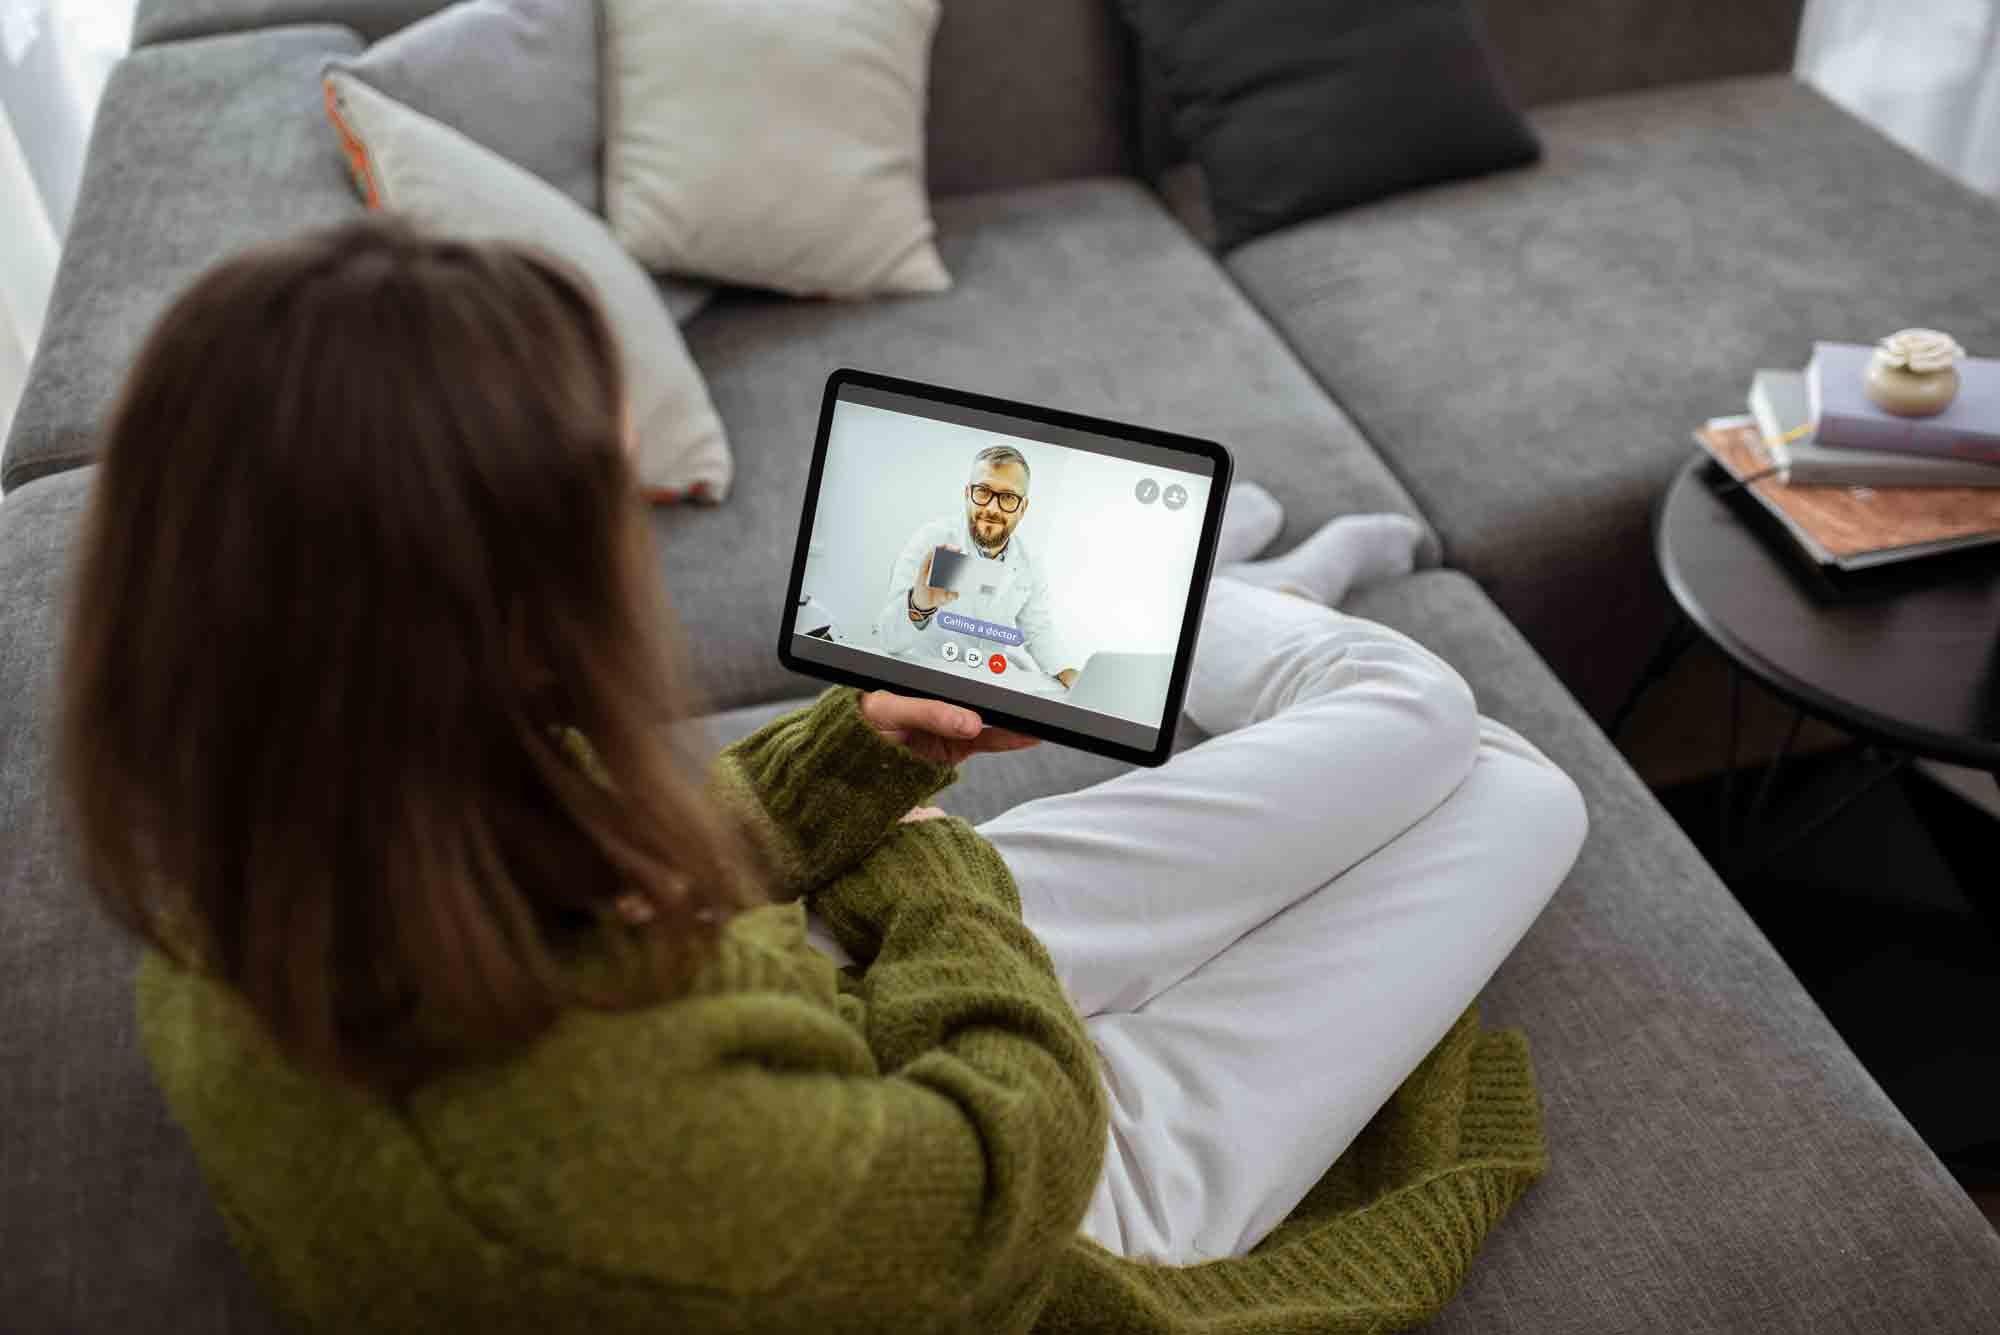 La médecine en ligne séduit essentiellement les femmes